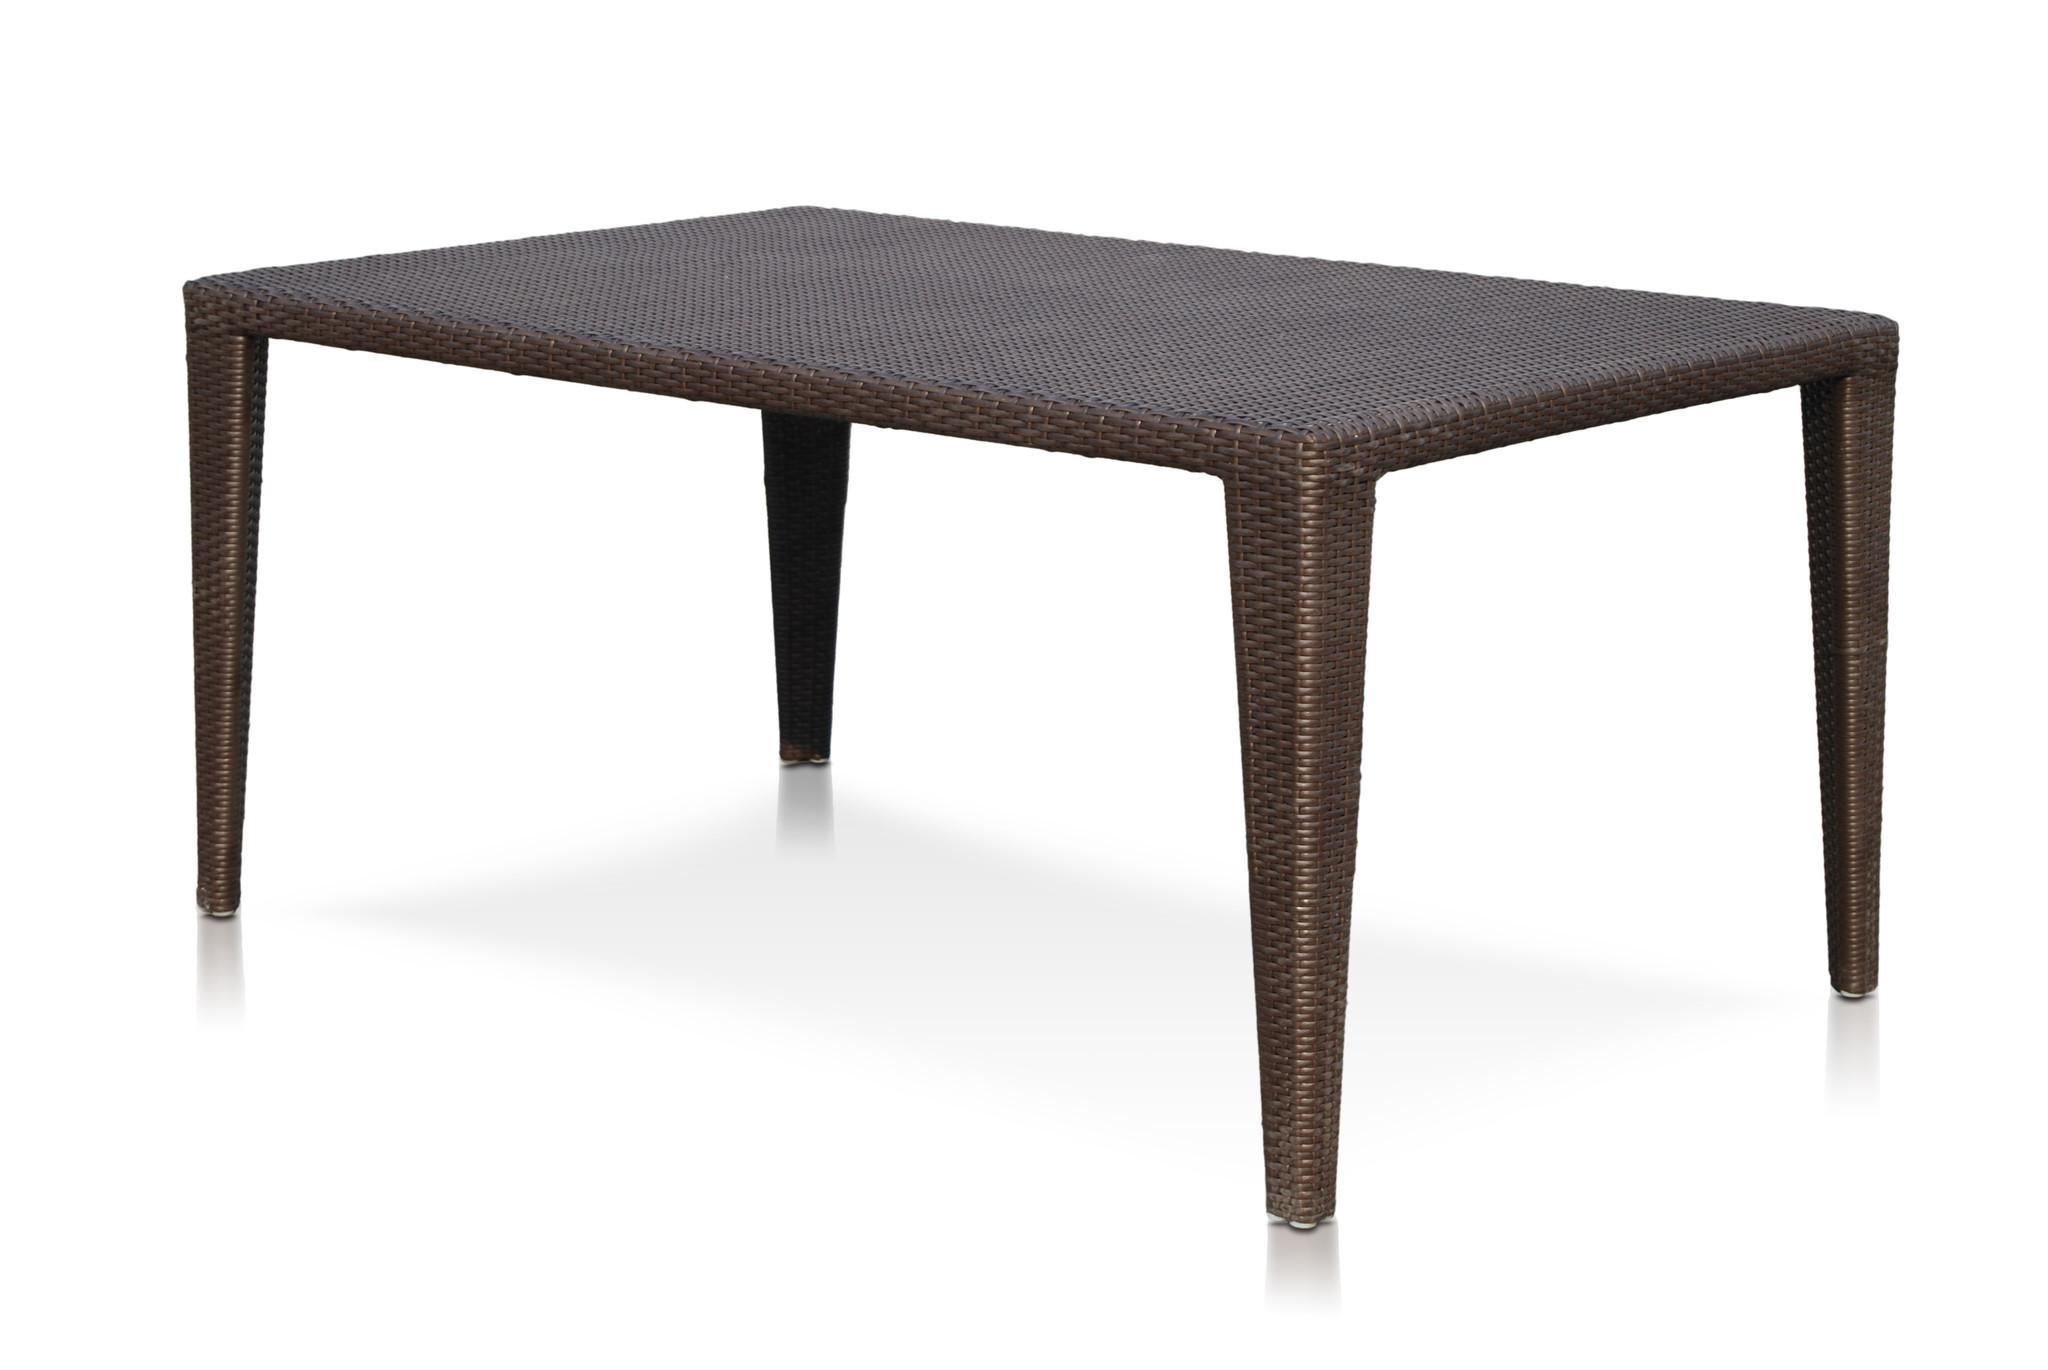 Стол обеденныйСтолы и столики для сада<br><br><br>Material: Искусственный ротанг<br>Ширина см: 200<br>Высота см: 74<br>Глубина см: 100